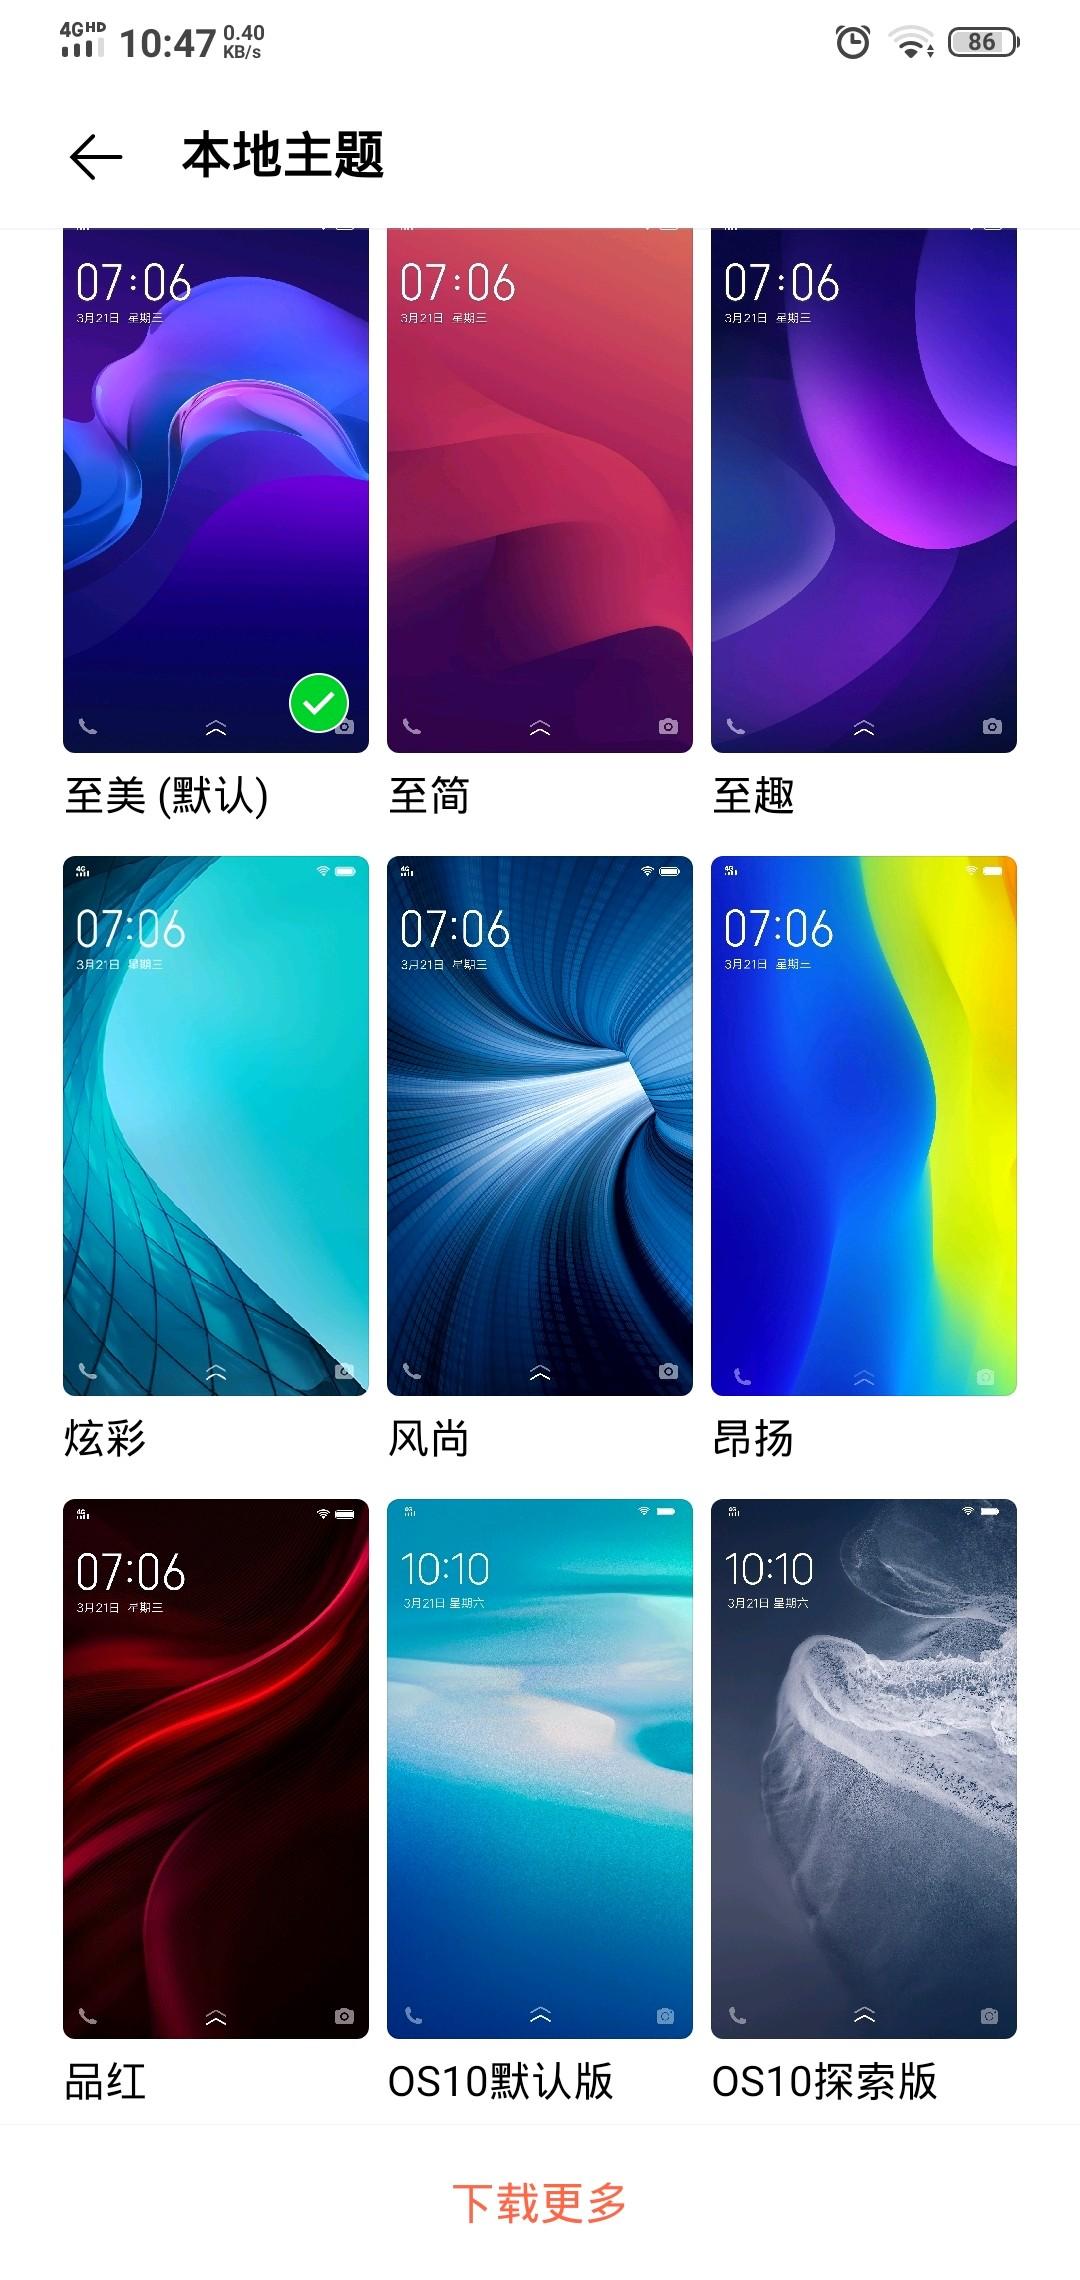 Screenshot_20200529_104726.jpg